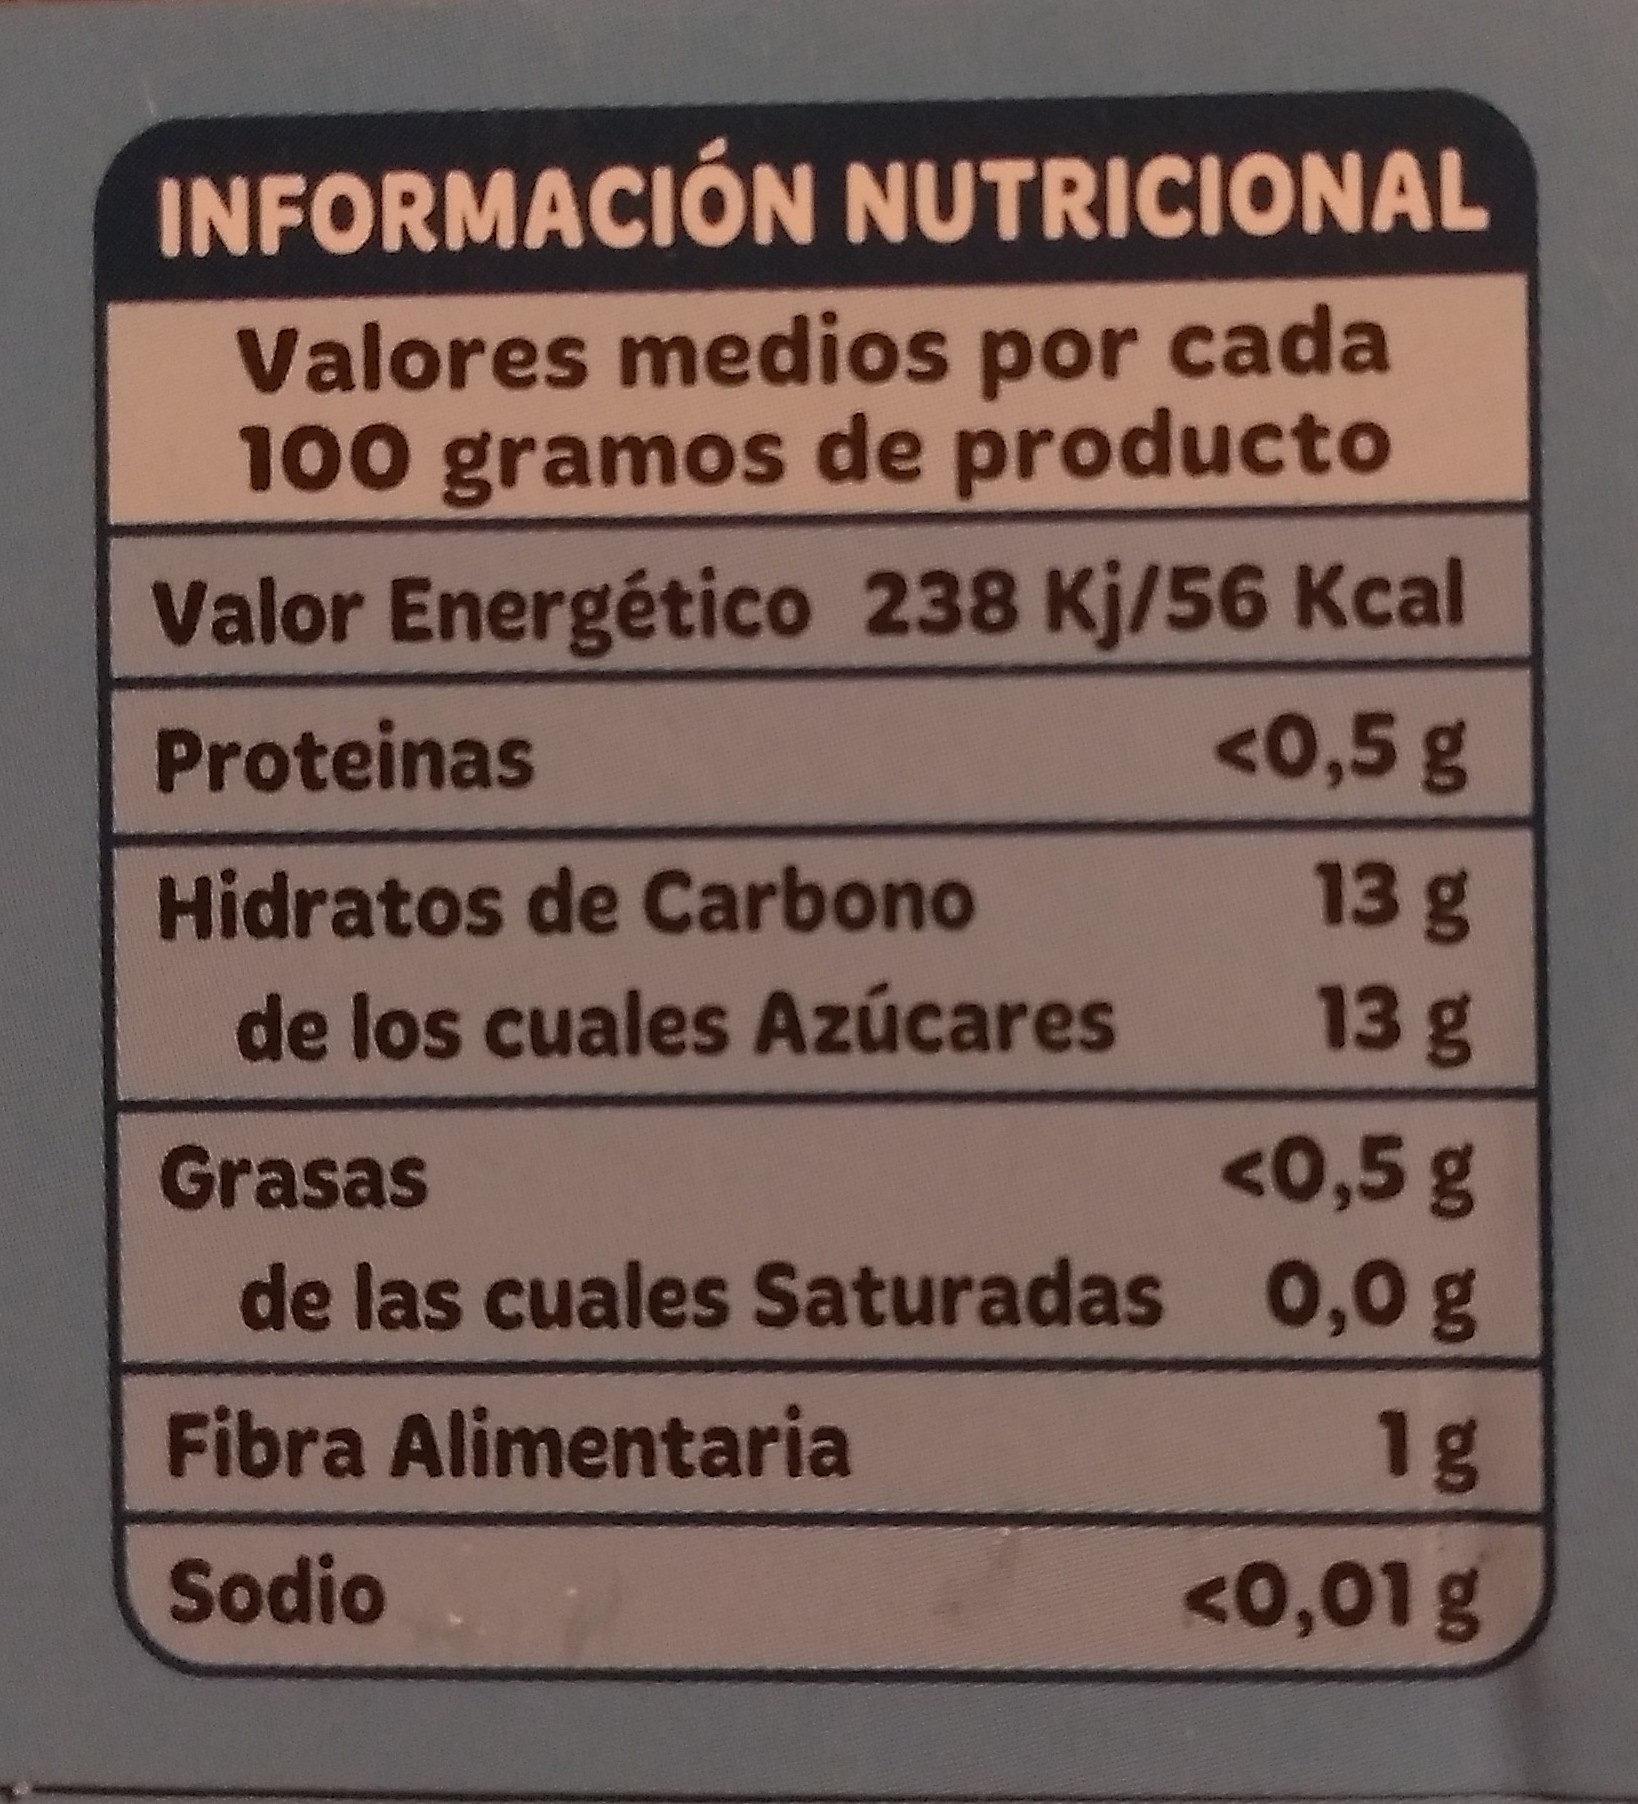 Piña en su jugo - Información nutricional - es